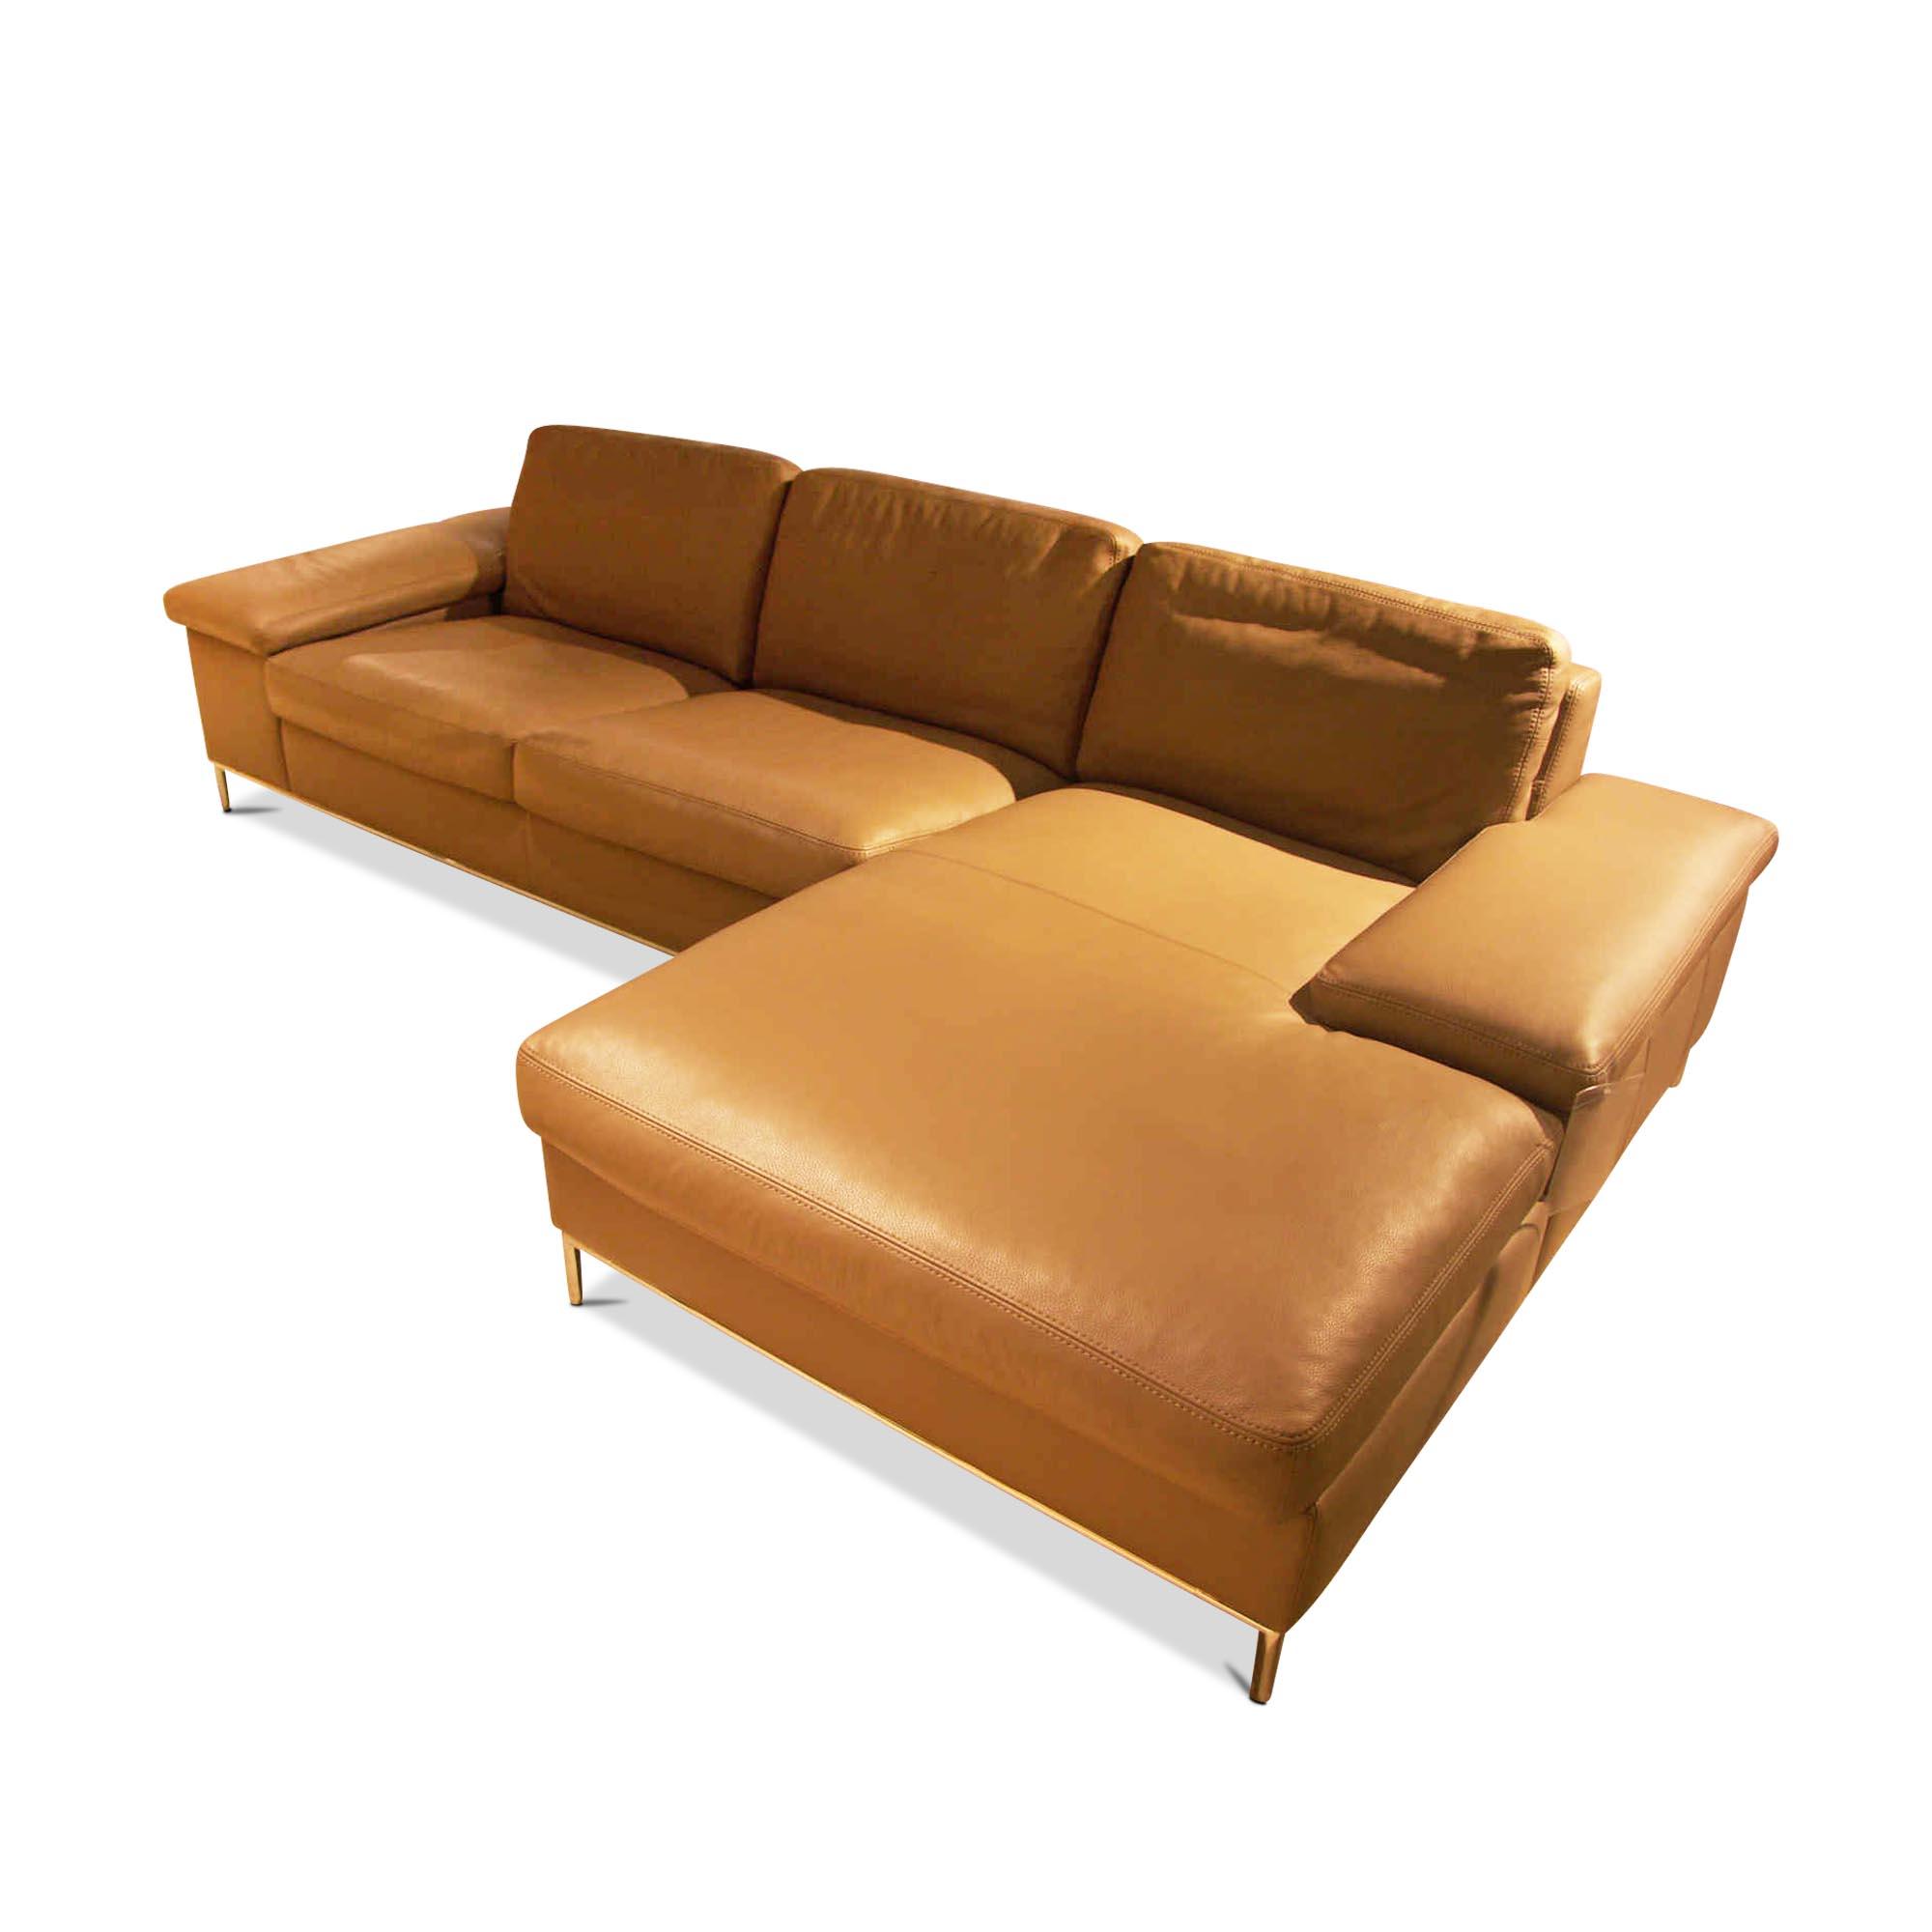 ecksofa monte christo machalke sofas g nstig kaufen m belfirst. Black Bedroom Furniture Sets. Home Design Ideas